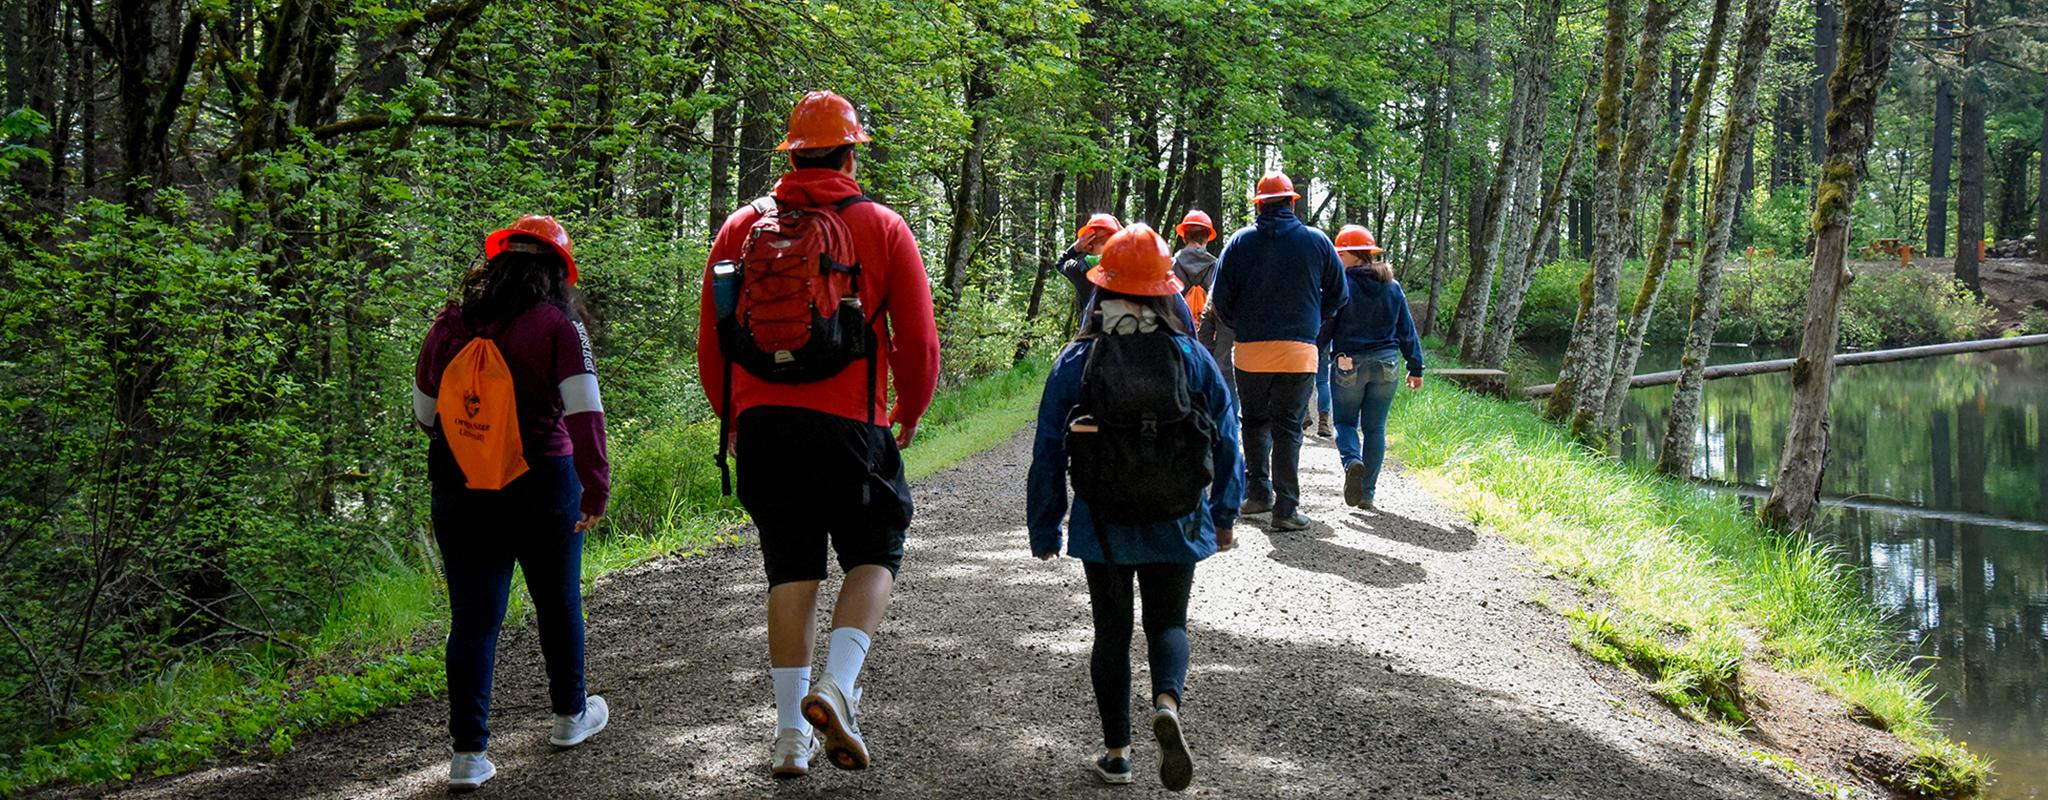 8 programas de mestrado para engenheiros florestais na Europa